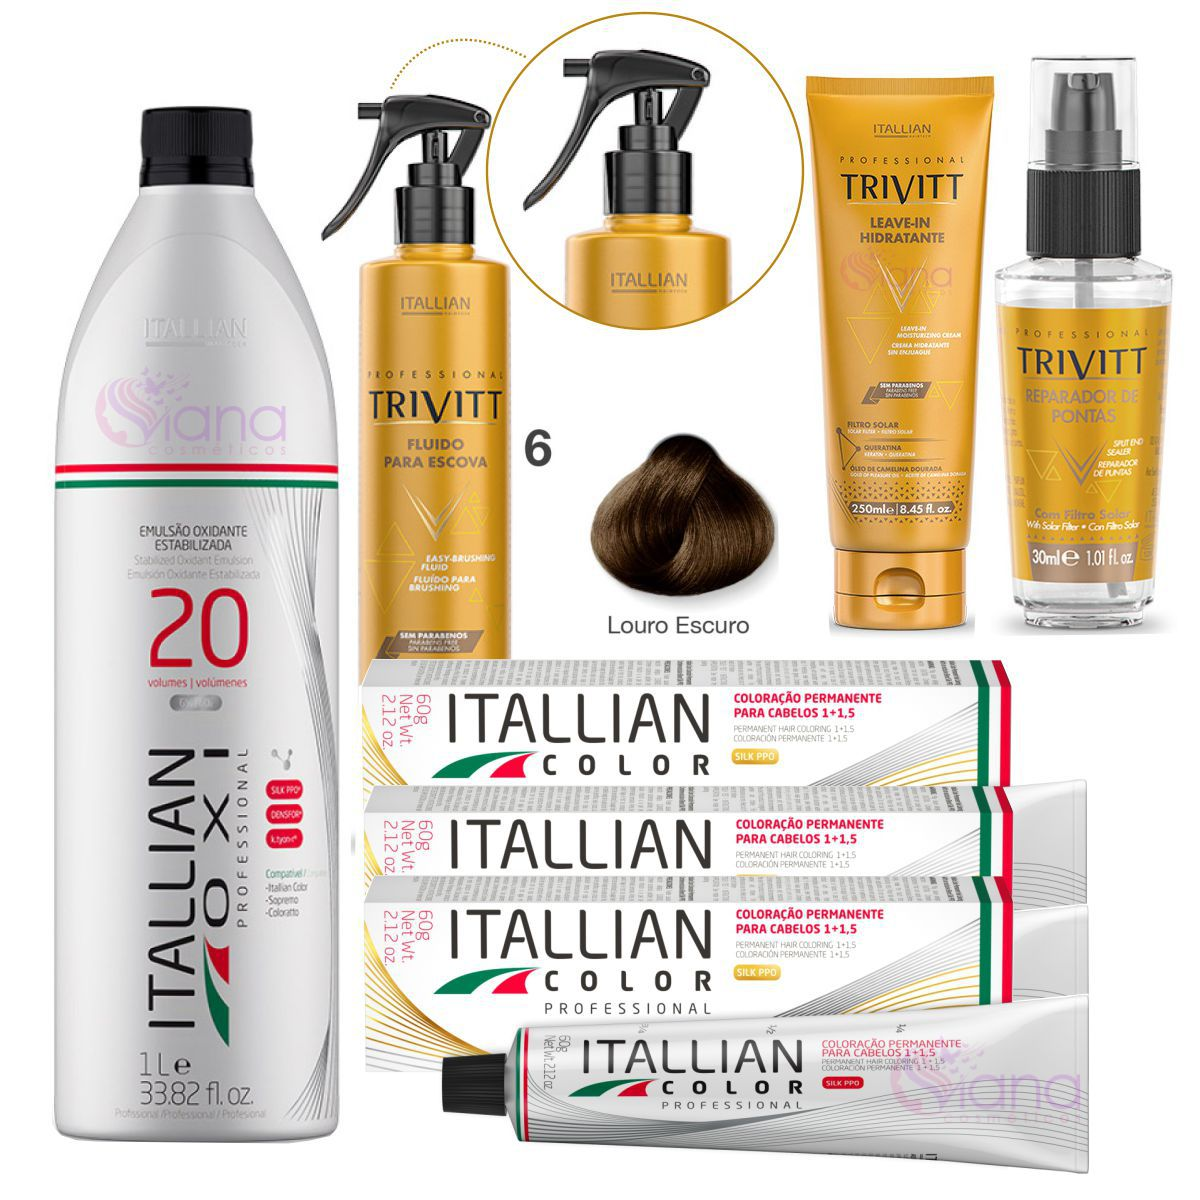 Kit Europa Trivitt Itallian Color Tinta de Cabelo 6.0 Completo